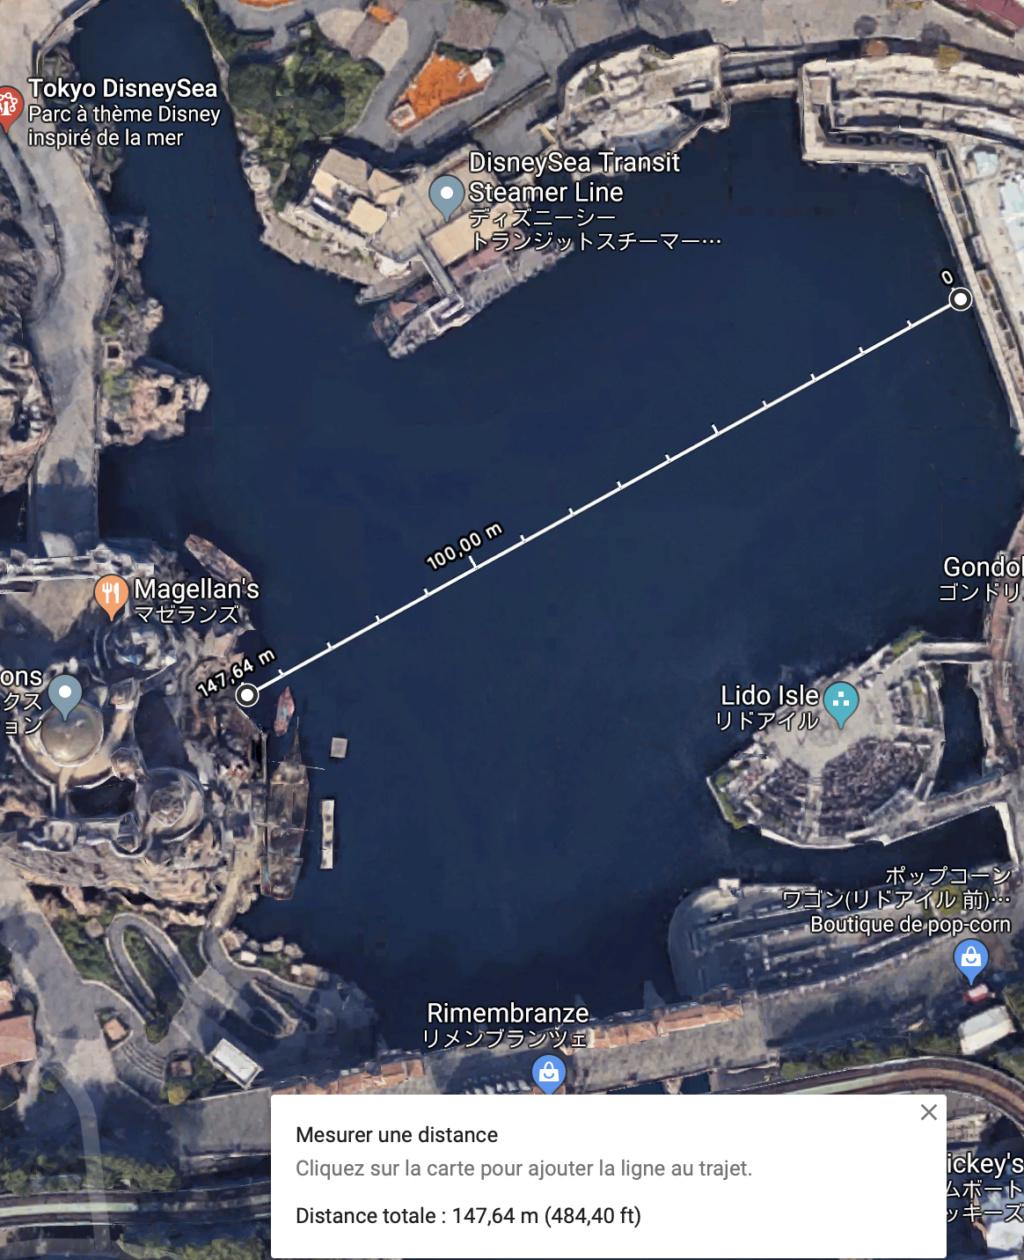 [News] Extension du Parc Walt Disney Studios avec nouvelles zones autour d'un lac (2020-2025) - Page 38 Captur75